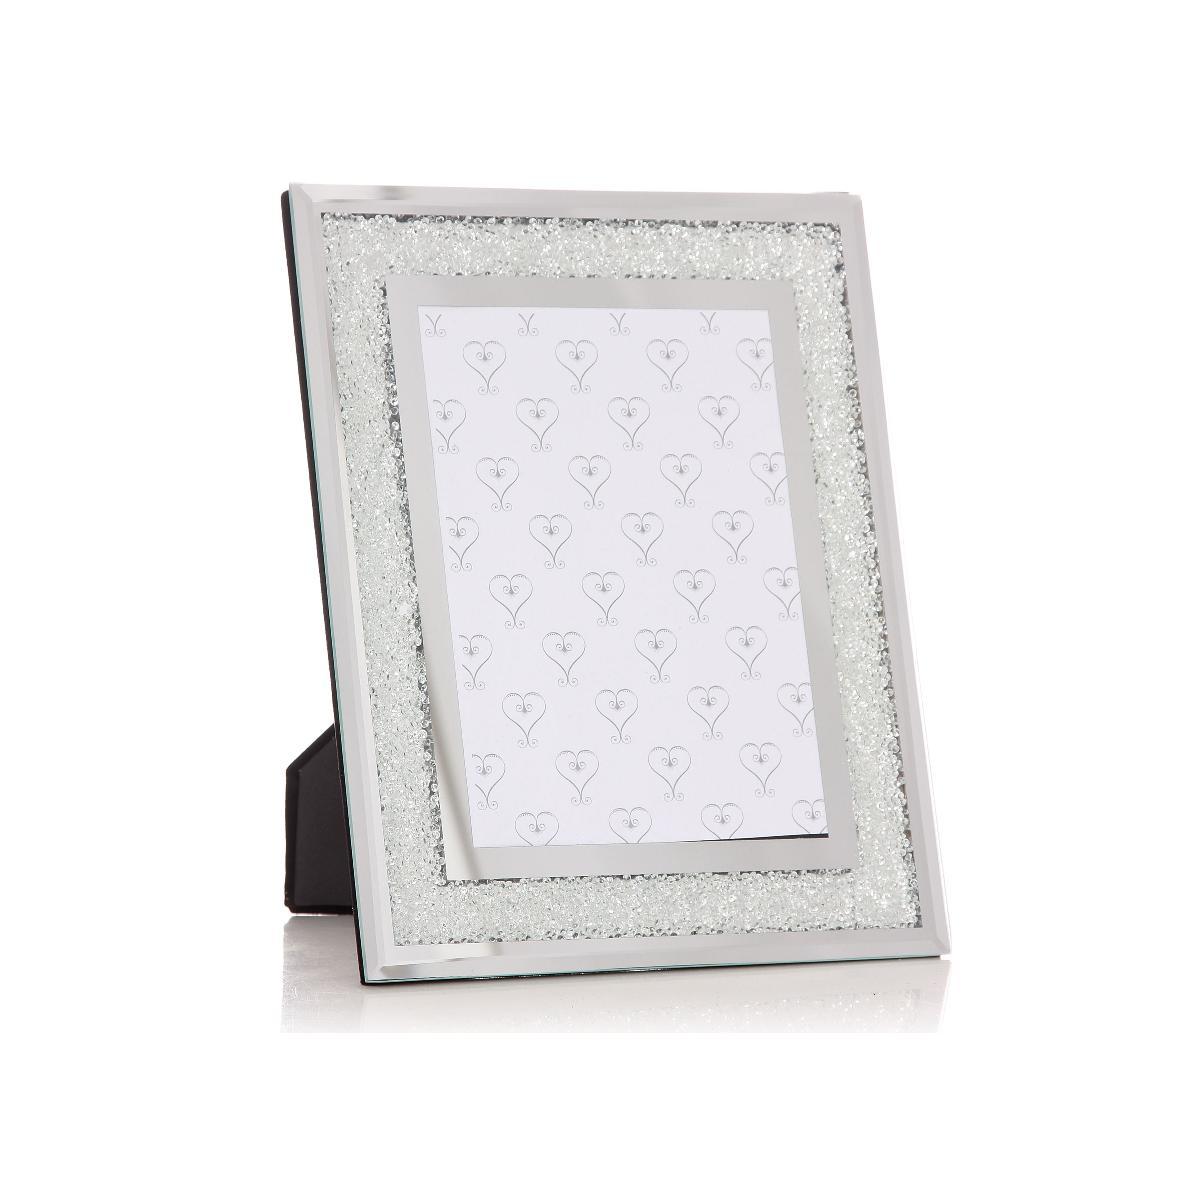 Large swarovski crystal filled photo frame 5x7 diamond affair large swarovski crystal filled photo frame jeuxipadfo Images